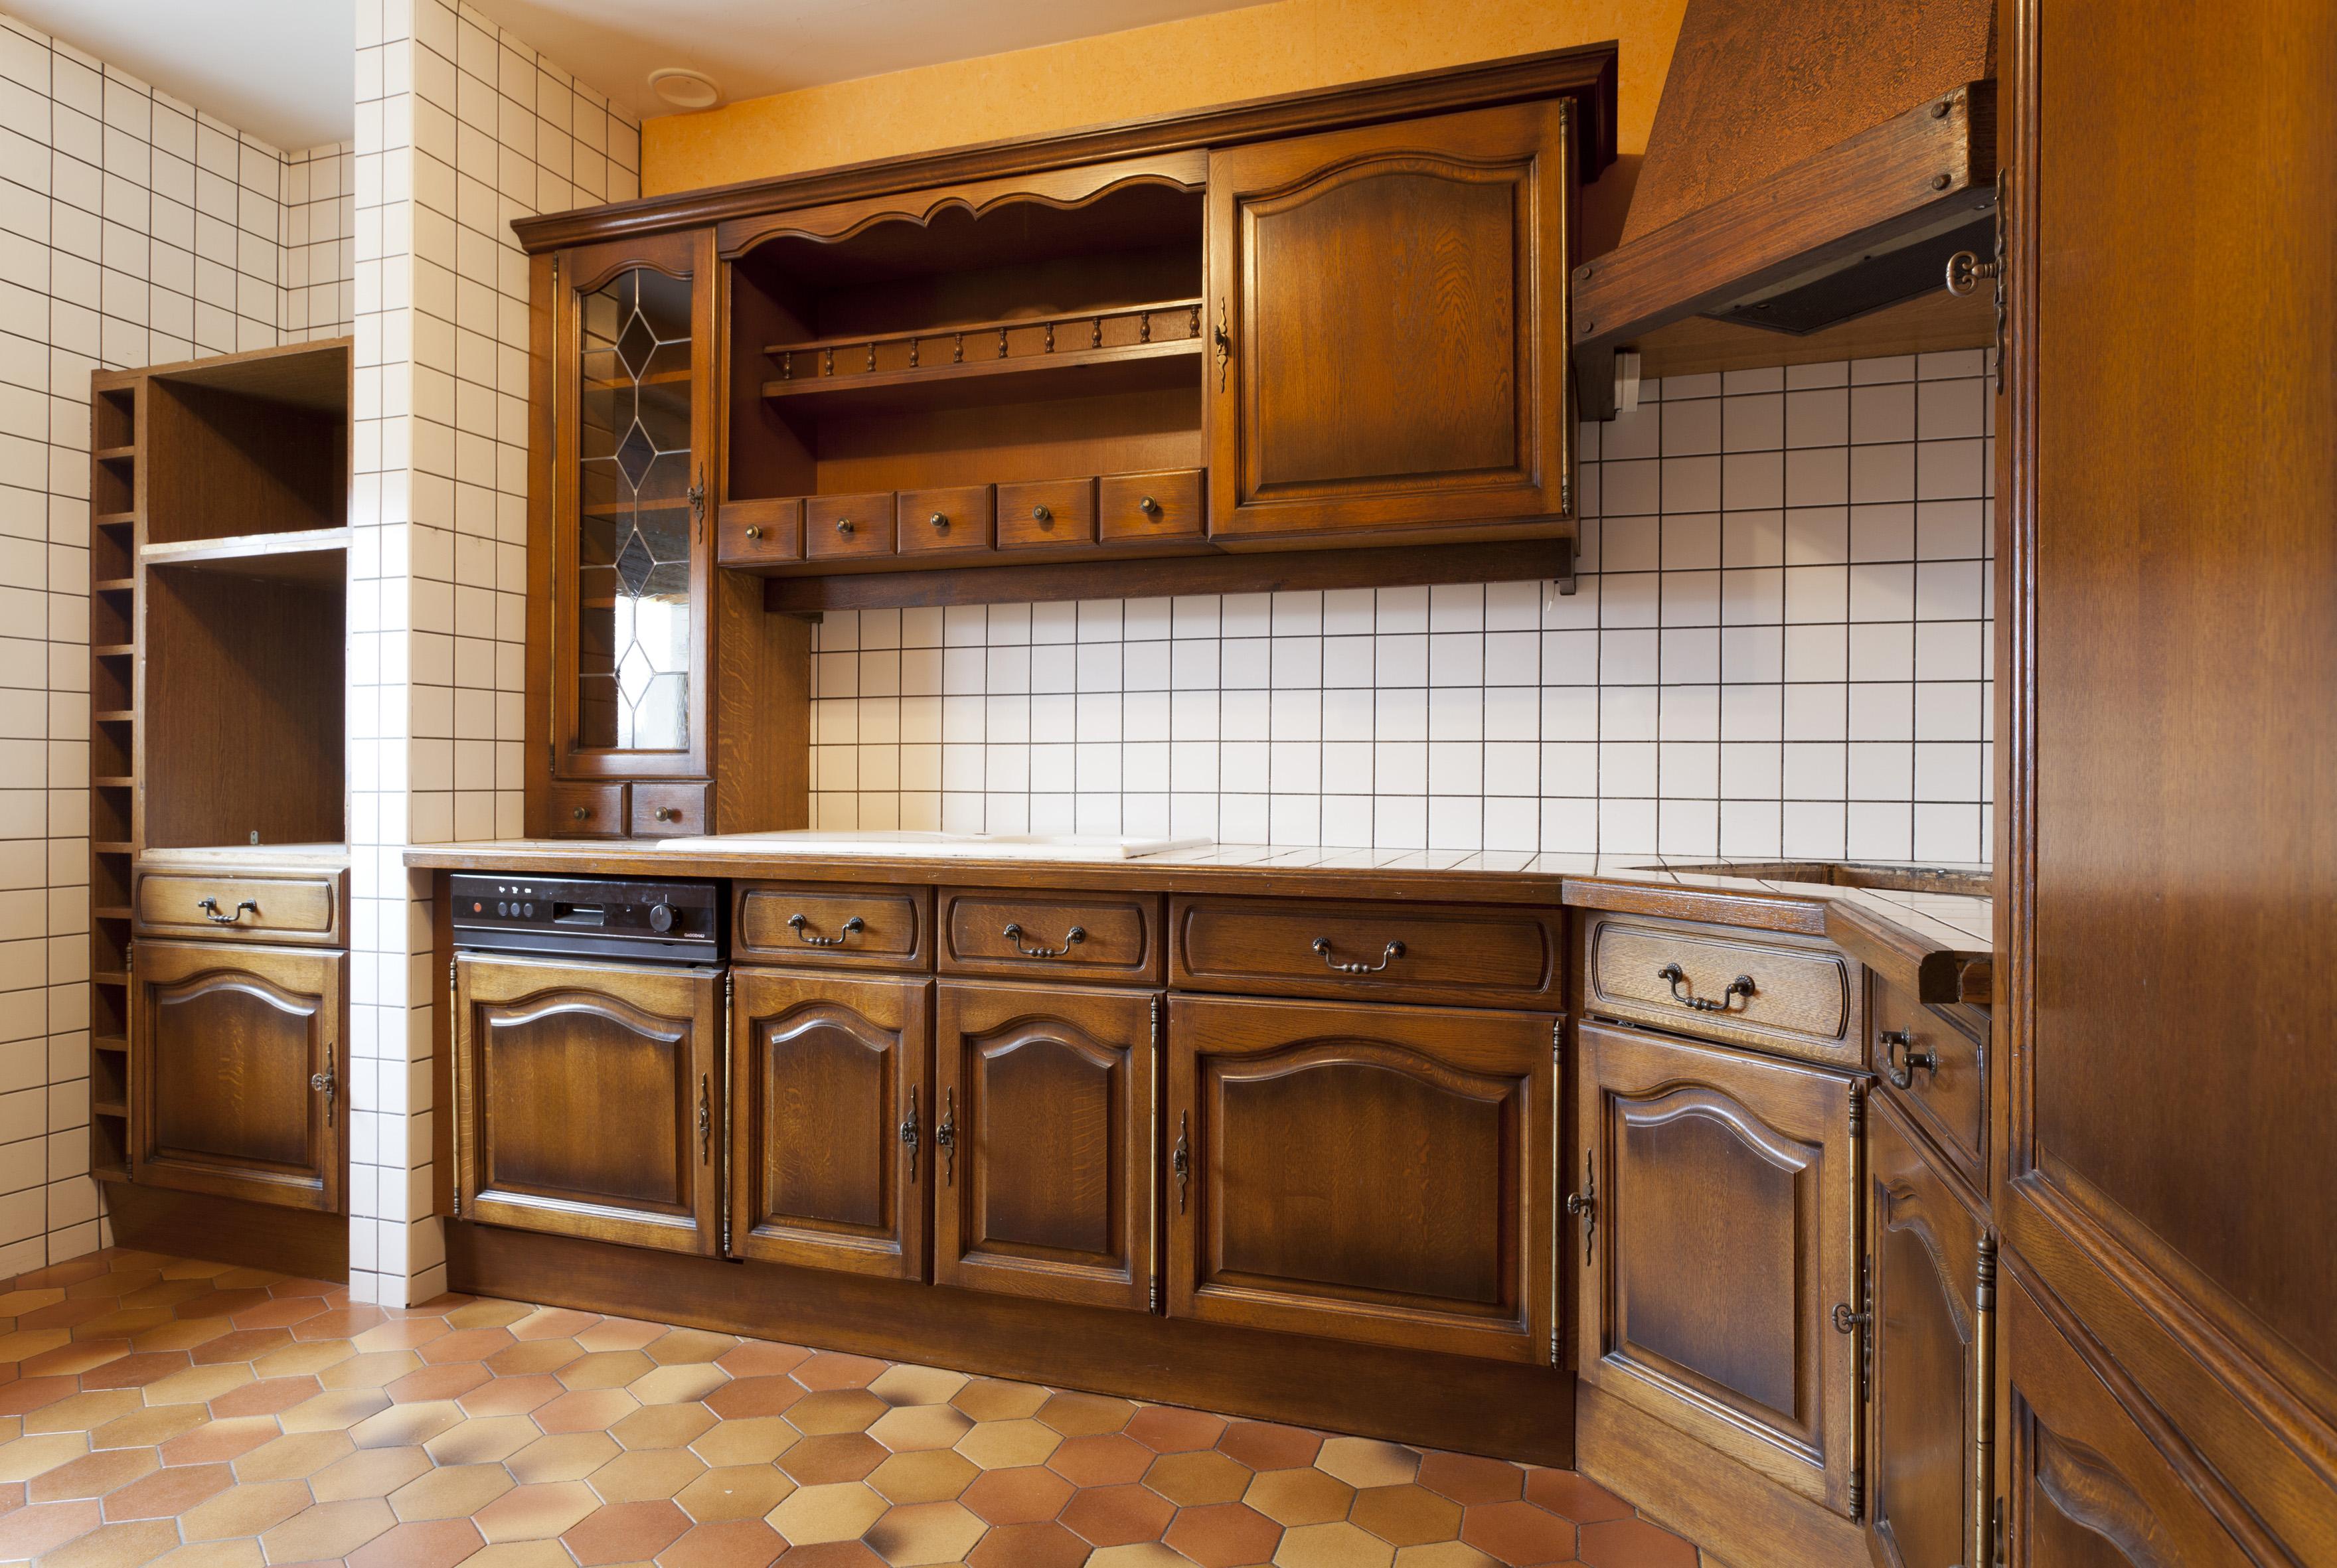 Refaire Les Meubles De Cuisine meuble cuisine dimension: renovation meuble de cuisine